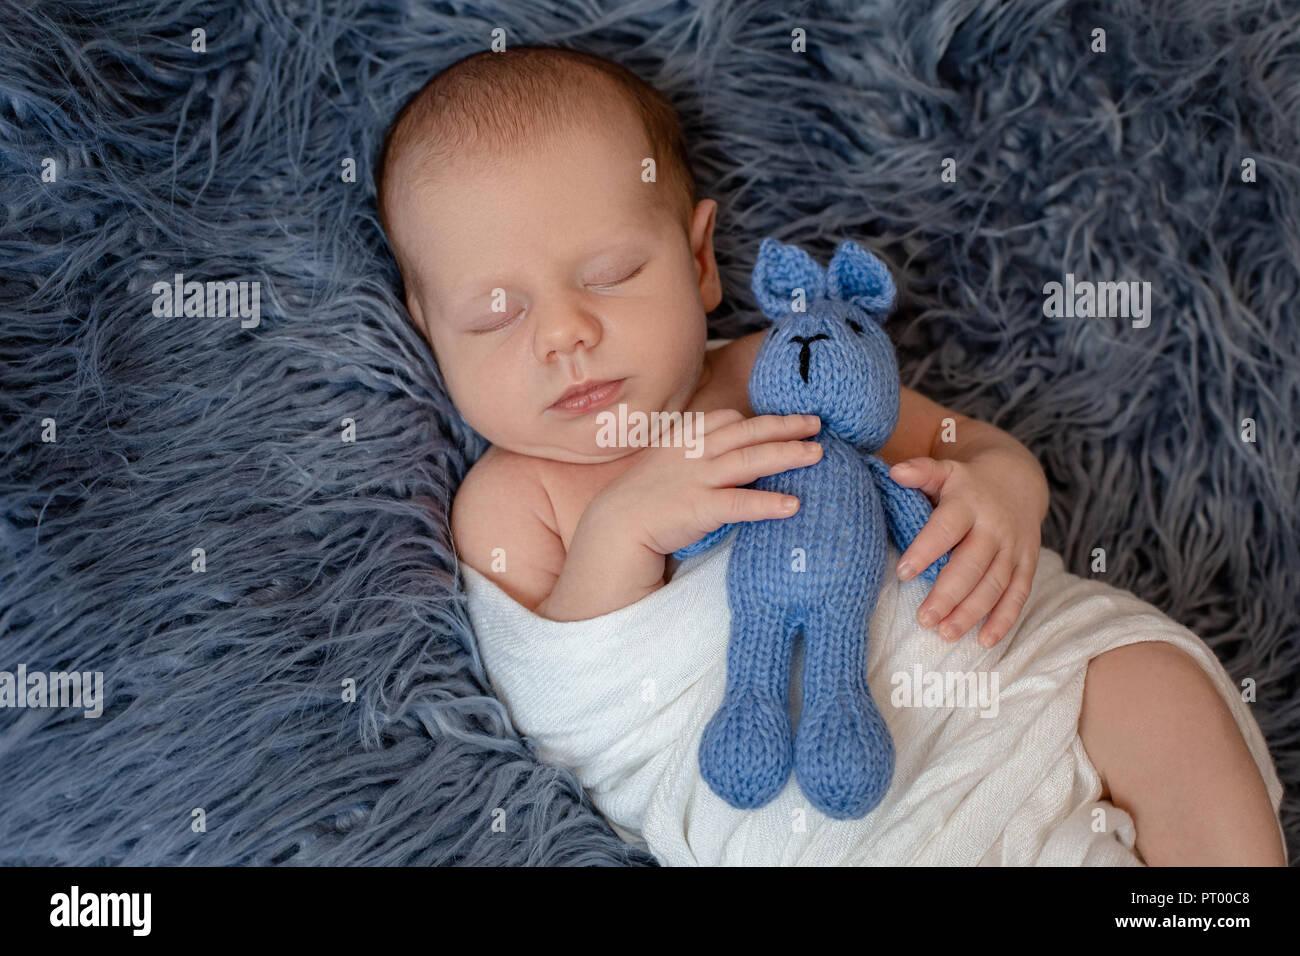 Newborn baby boy in bed. New born child sleeping under a white knitted blanket. Children sleep. - Stock Image